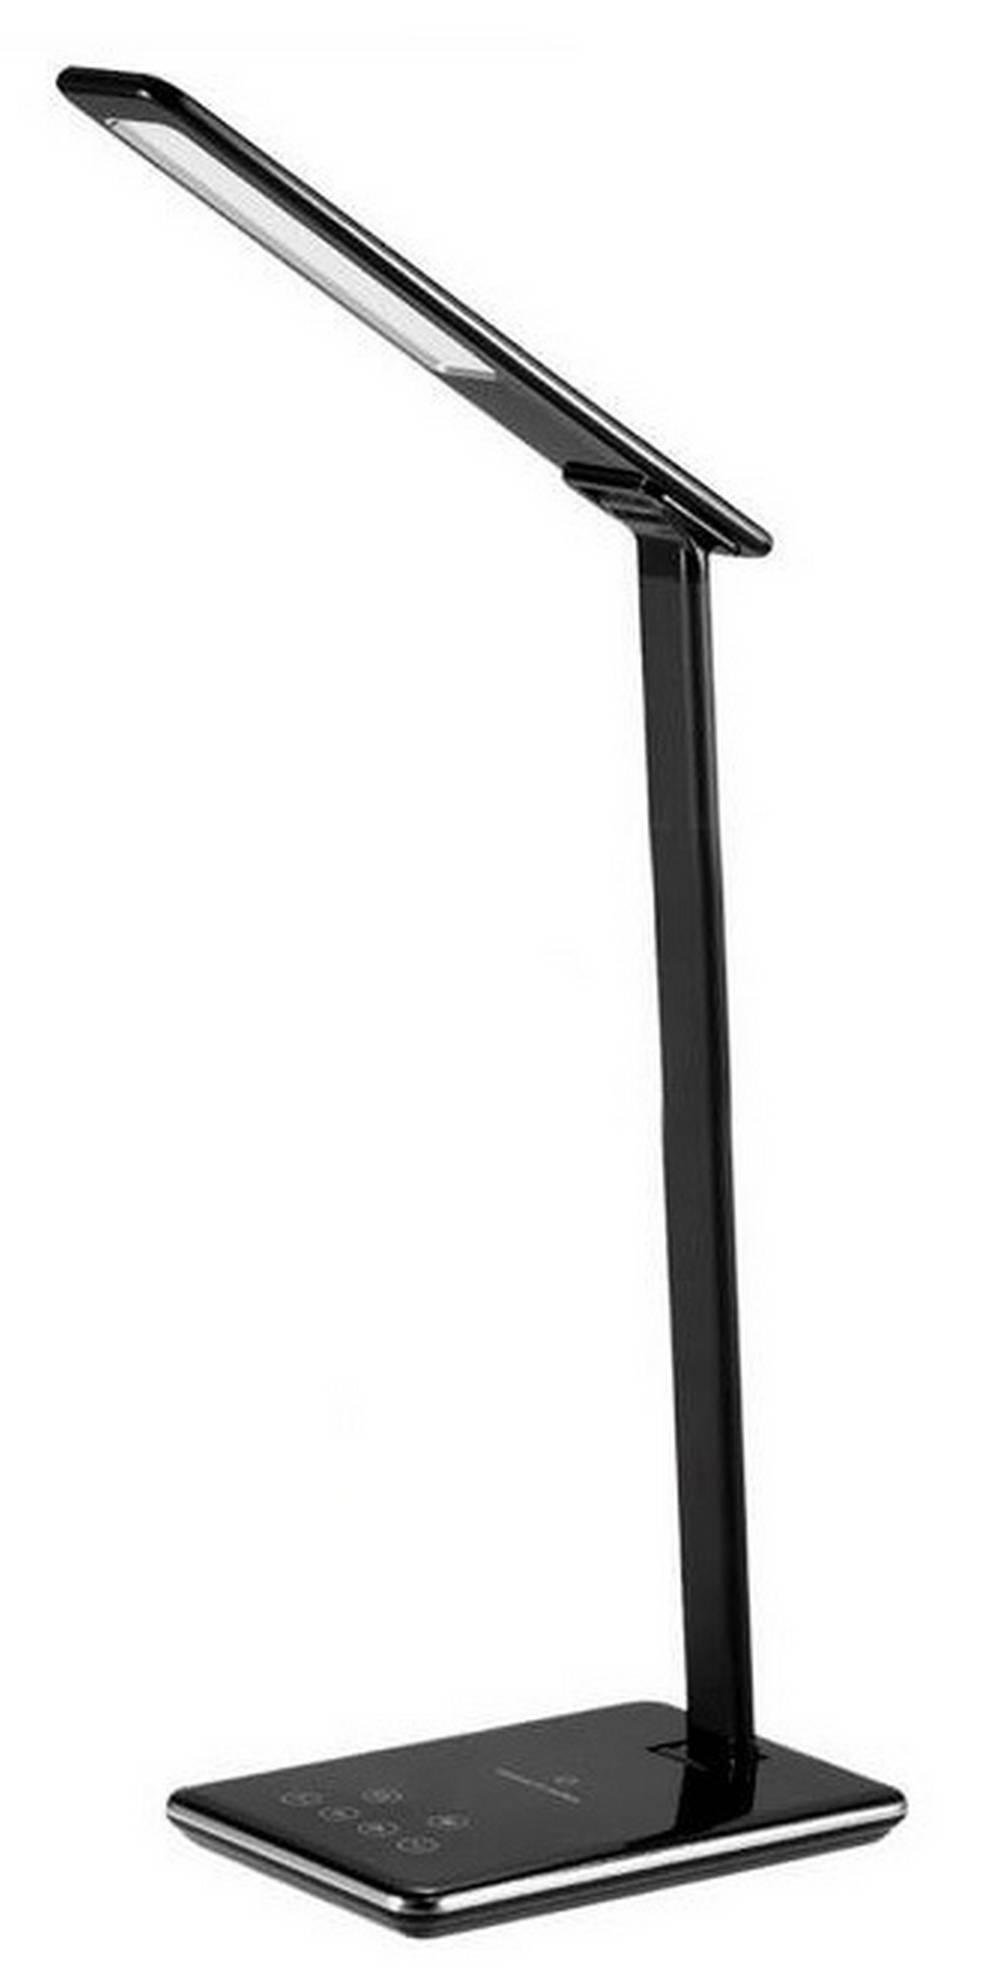 Φωτιστικό Γραφείου LED Jabees Q9 με Wireless Charger, Αυξομείωση Φωτισμού και Αλλαγή Χρώματος Φωτισμού Μαύρο